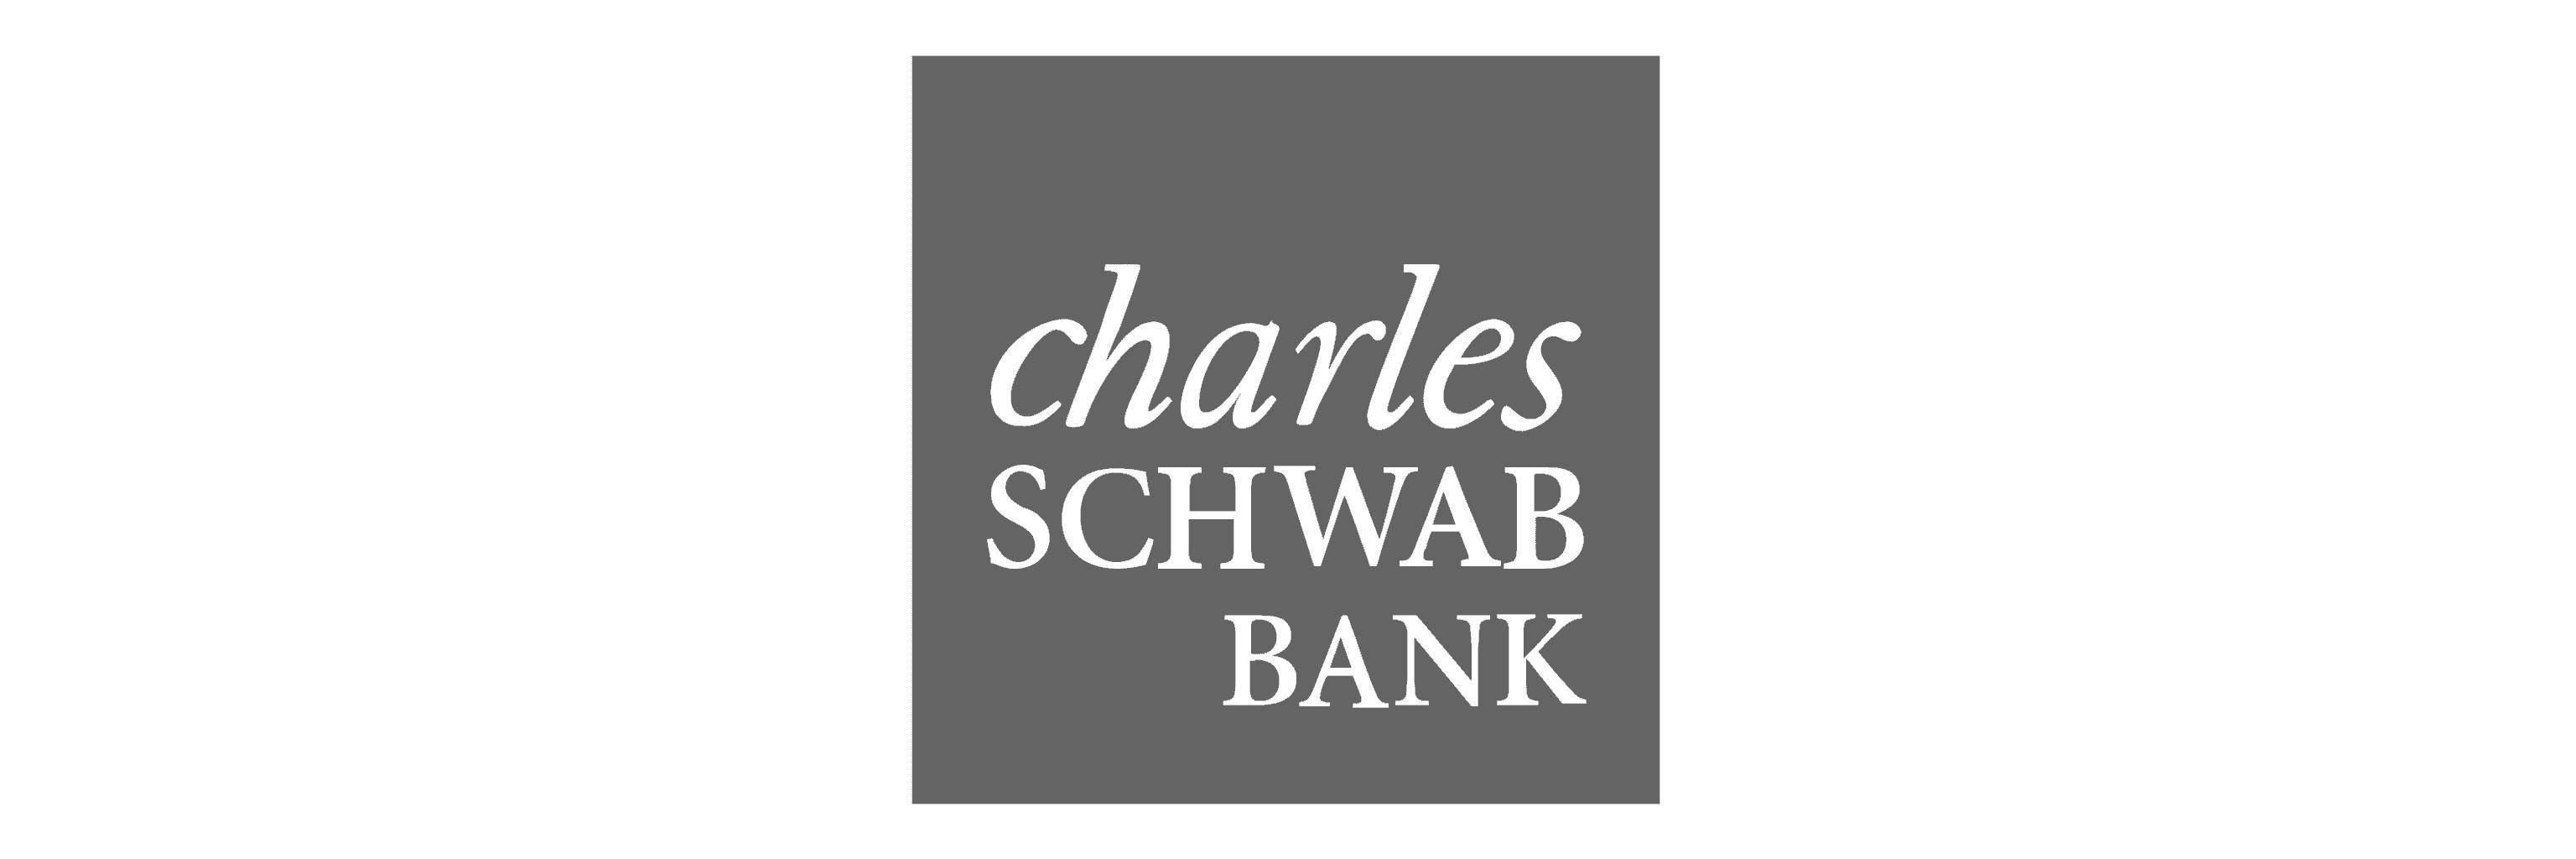 Charles Schwab (Bank)